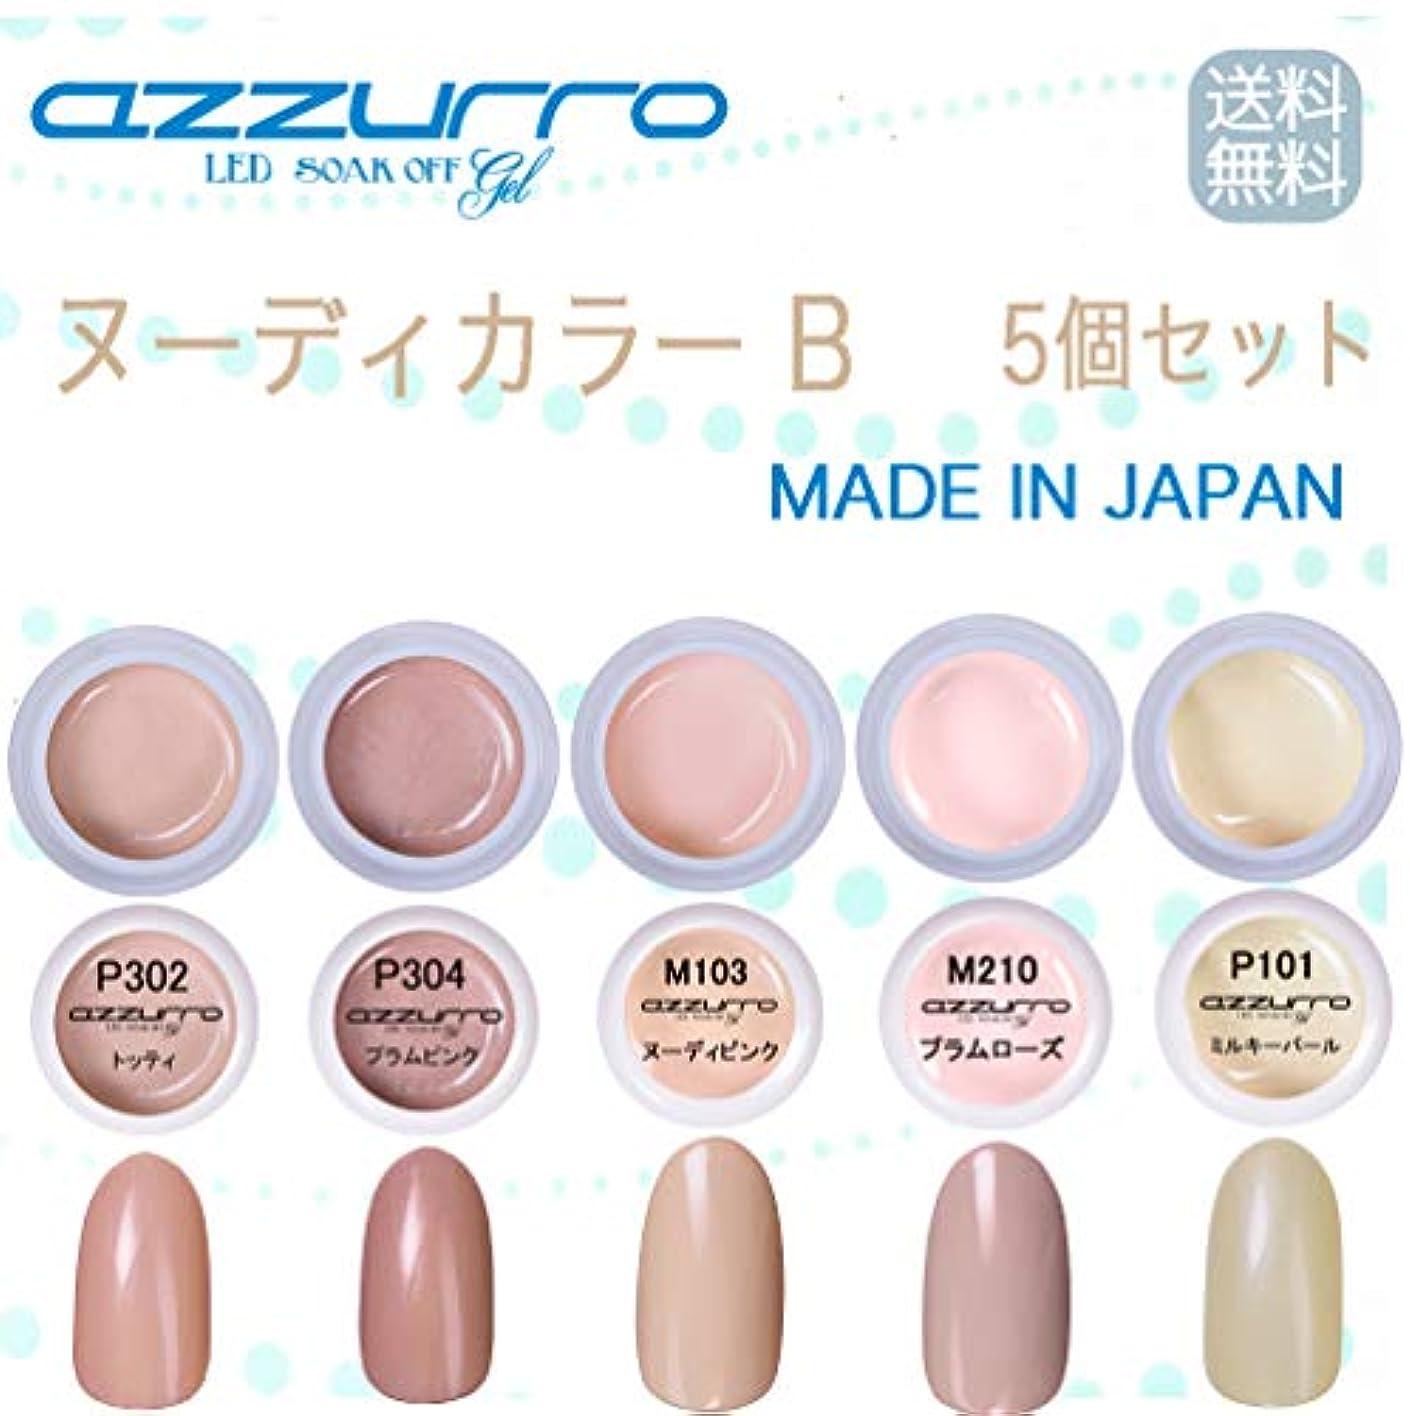 貨物欠かせないゴミ箱を空にする【送料無料】日本製 azzurro gel ヌーディカラージェルB5個セット ヌーデイで扱いやすいパールも入った人気カラー